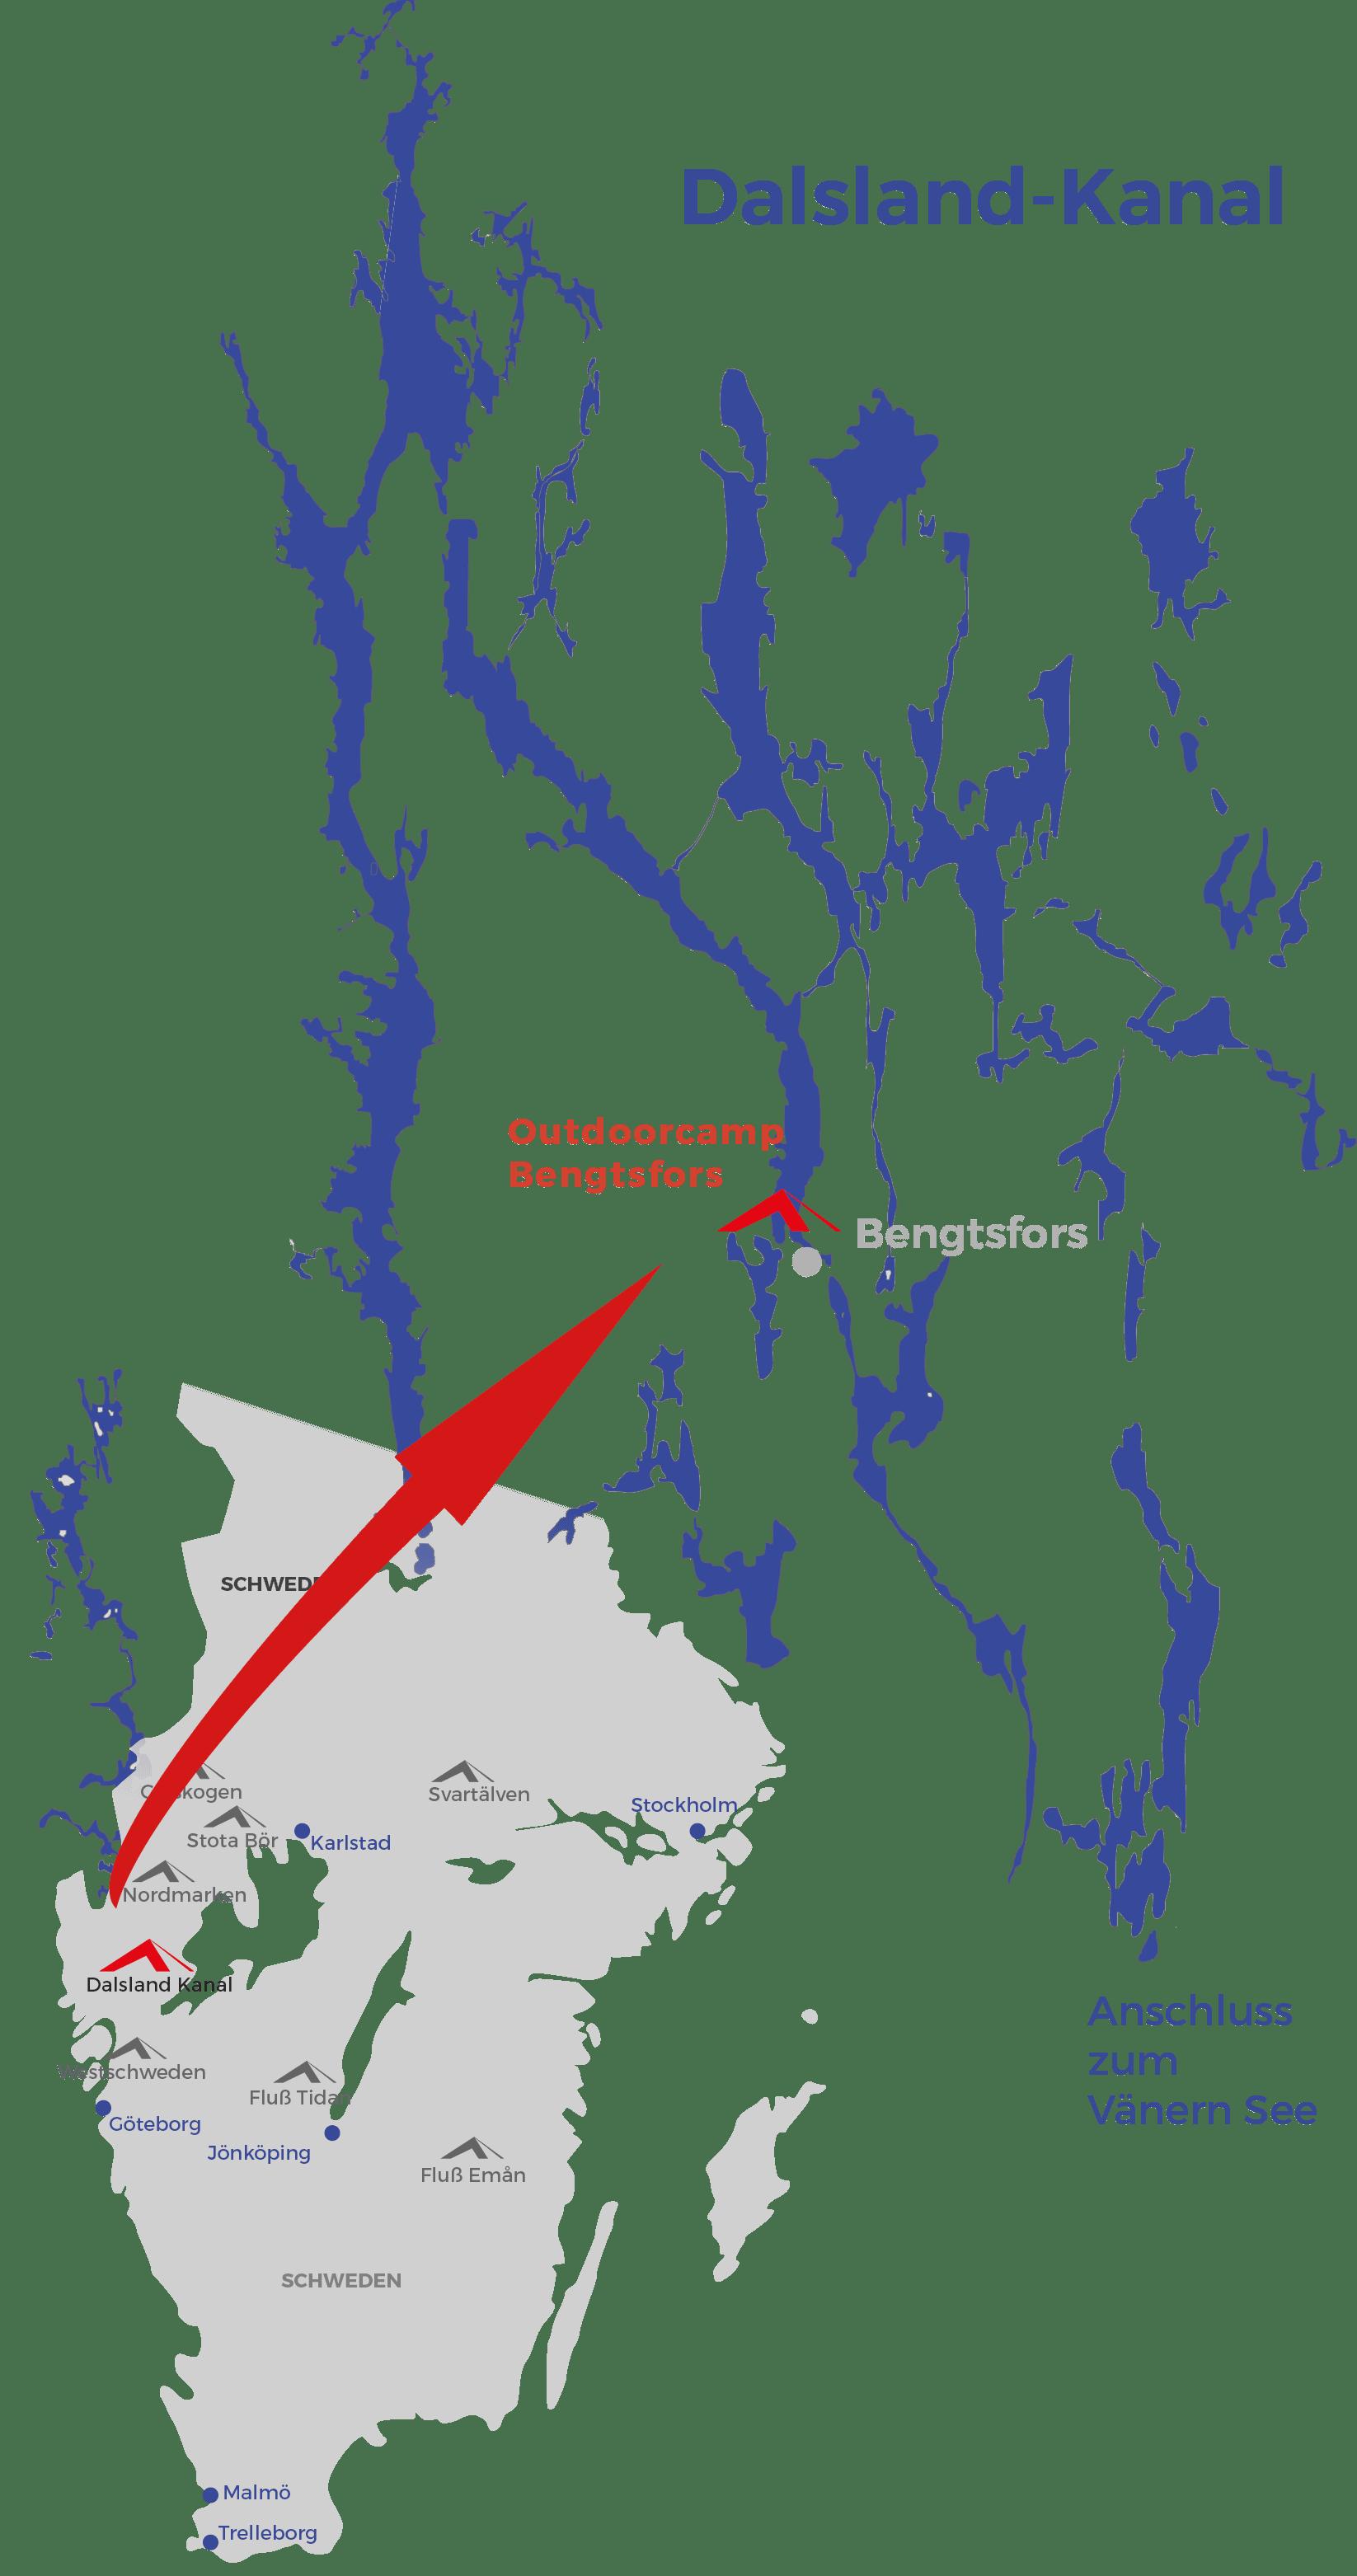 Schweden Karte Regionen.Kajaktour Auf Eigene Faust Schweden Dalsland Kanal Im